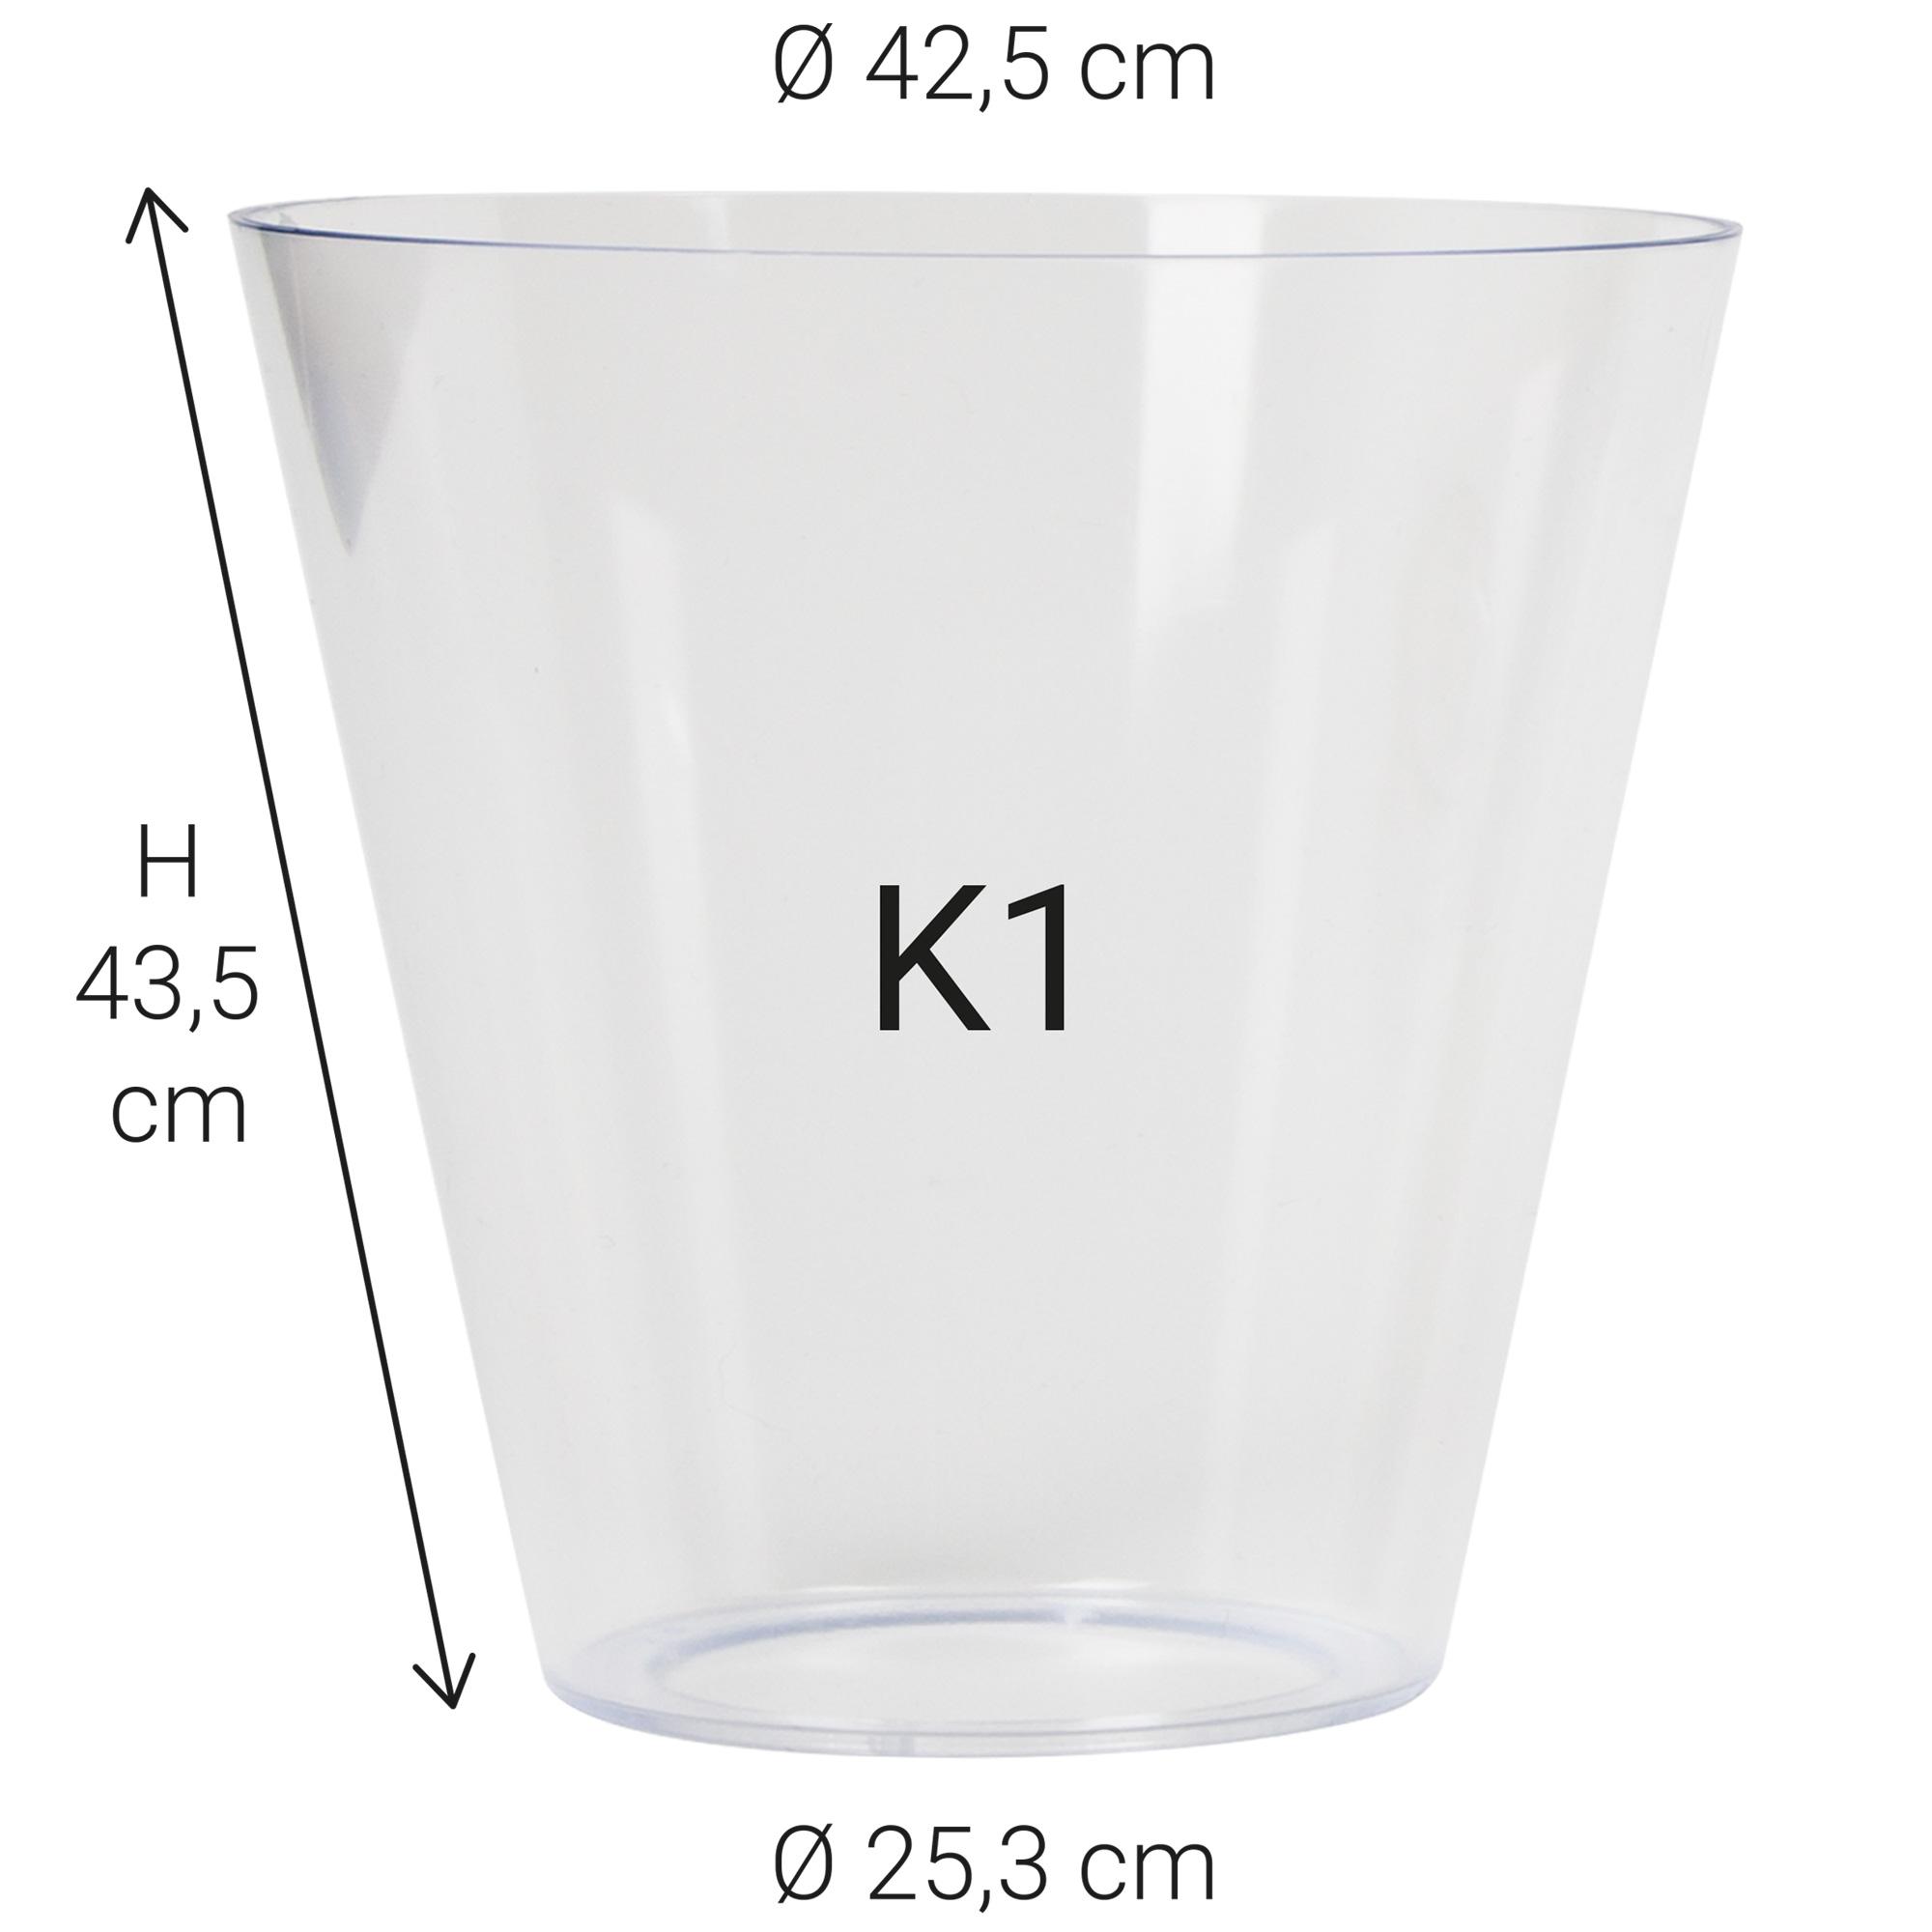 Kunststof glas K1